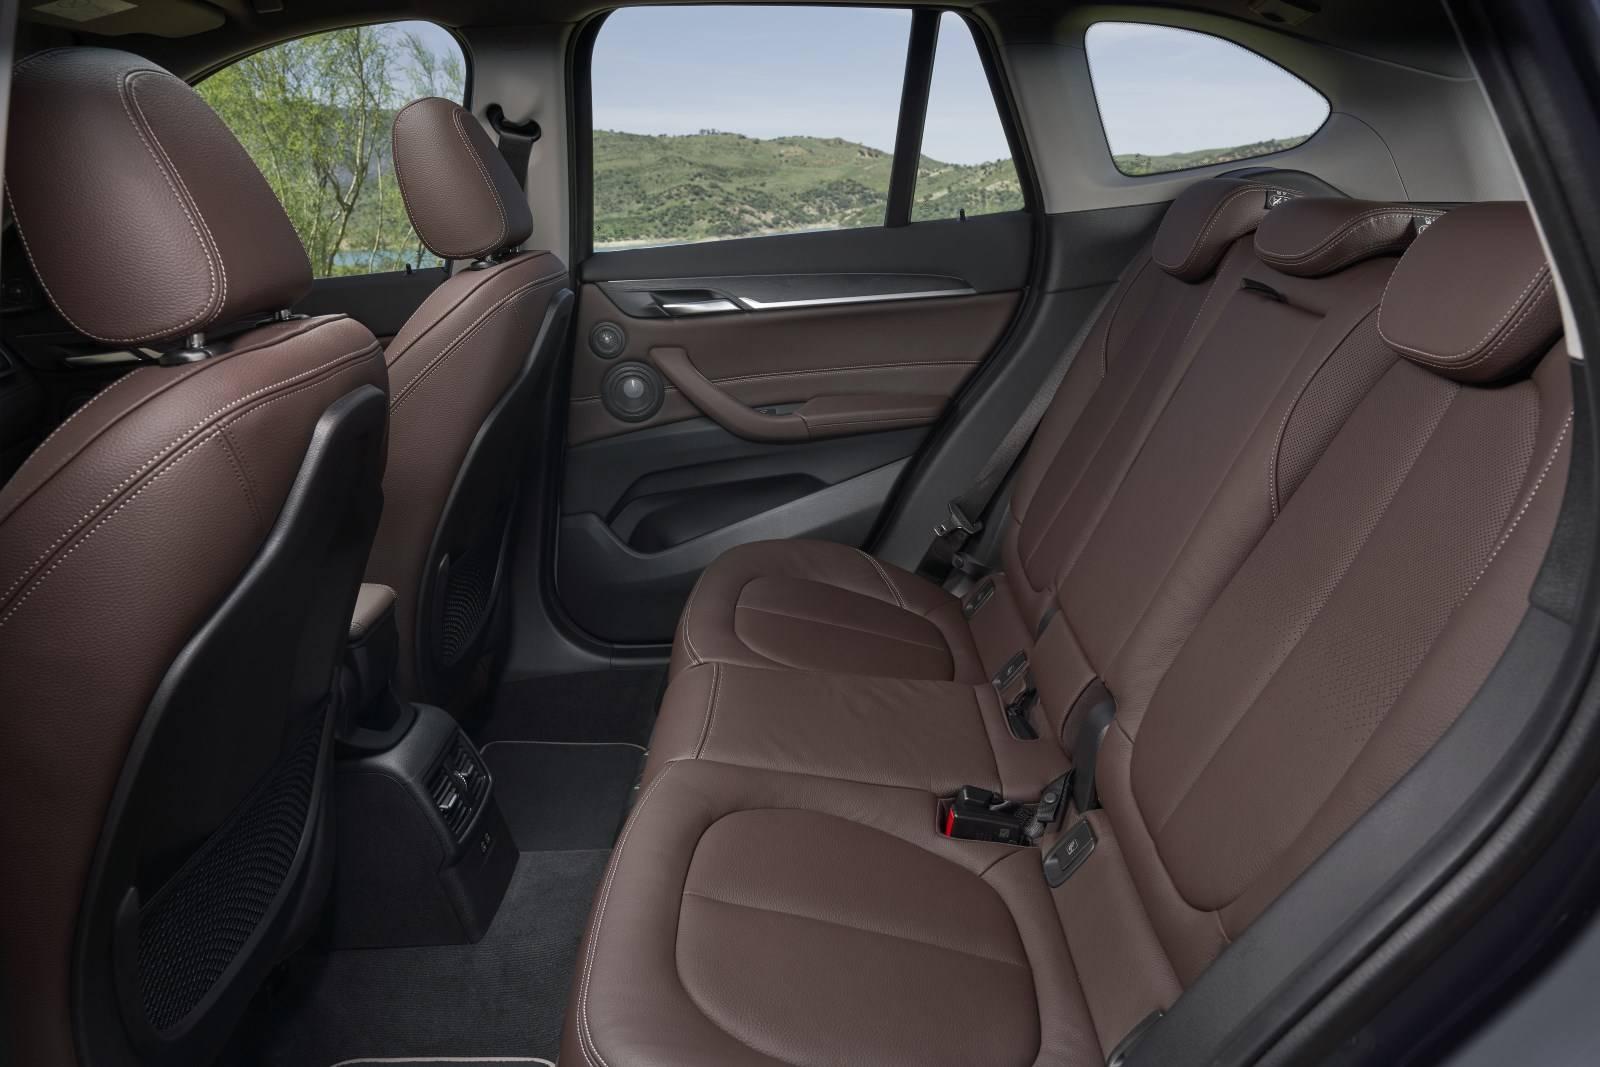 Новый BMW X1 F48 - cмелый и спортивный рестайлинг 6